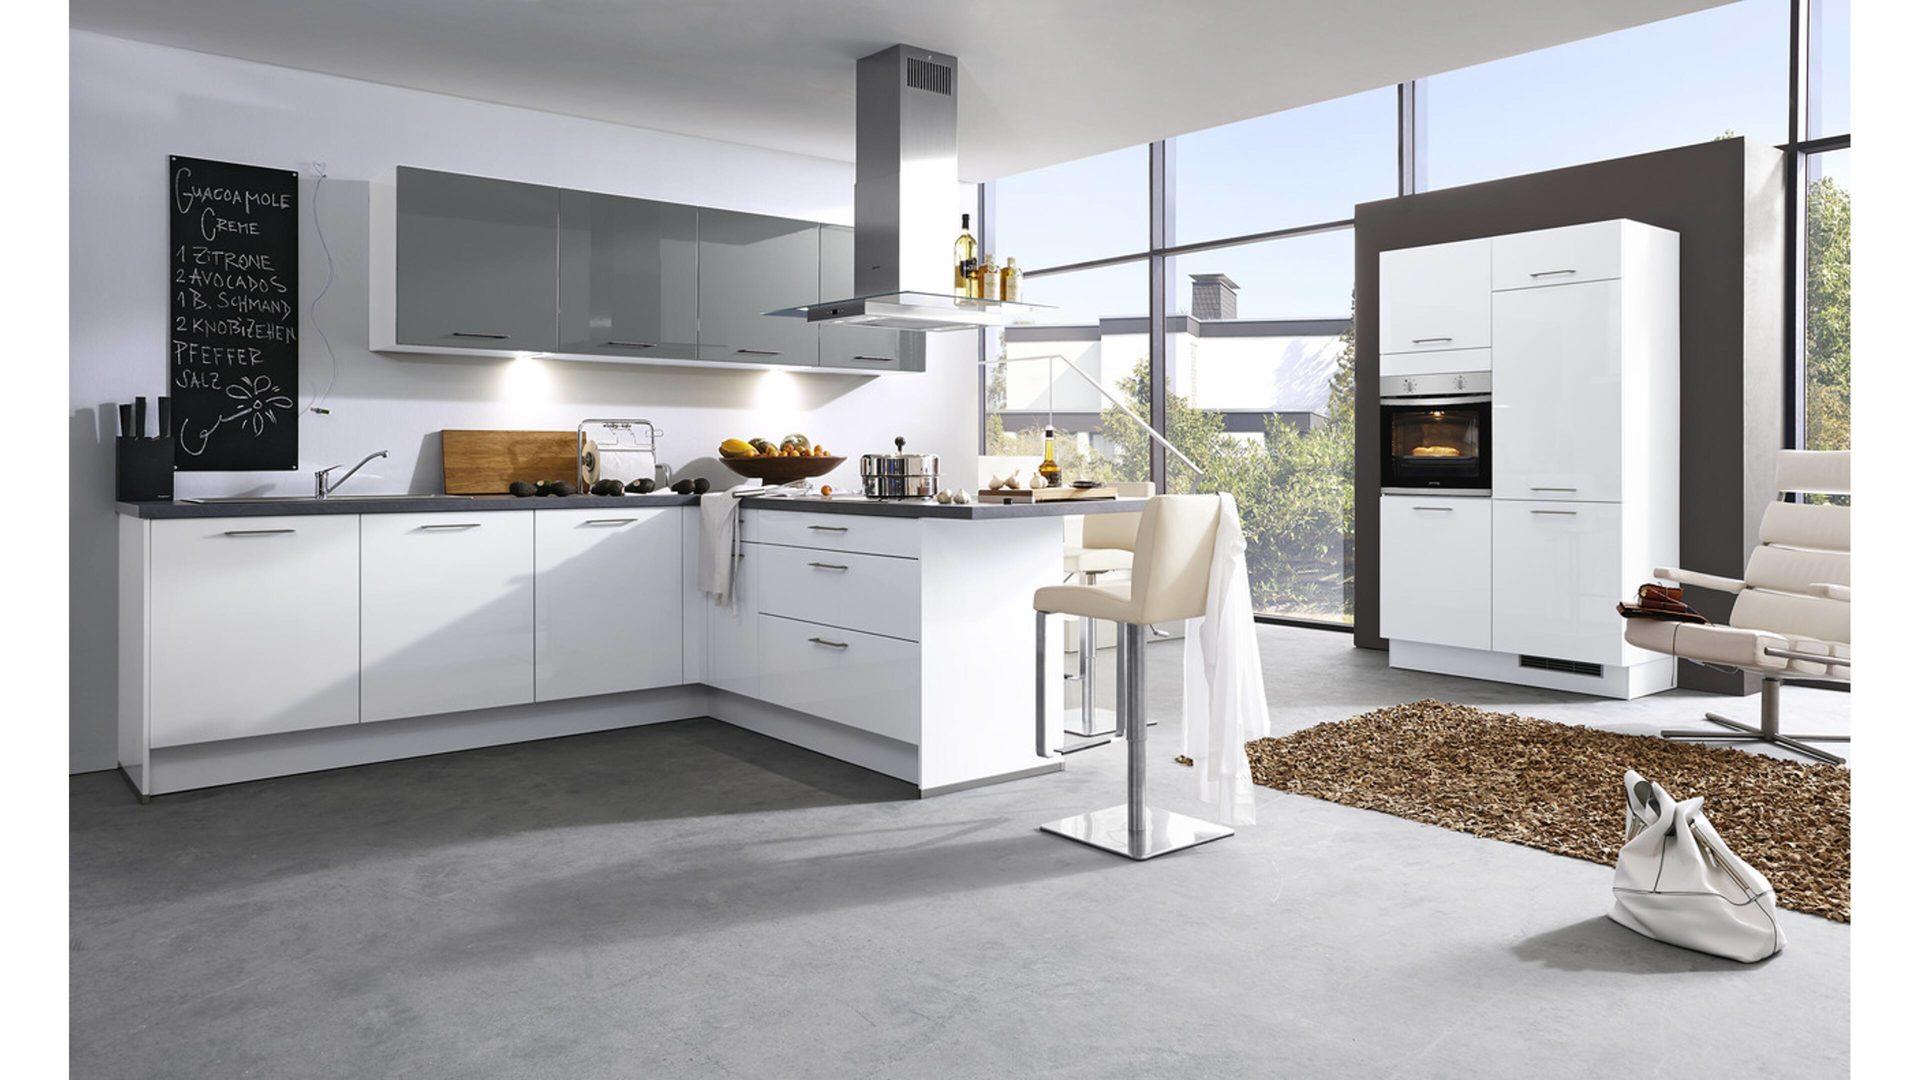 Wunderbar Alle Holzküchenschränke Bilder - Ideen Für Die Küche ...